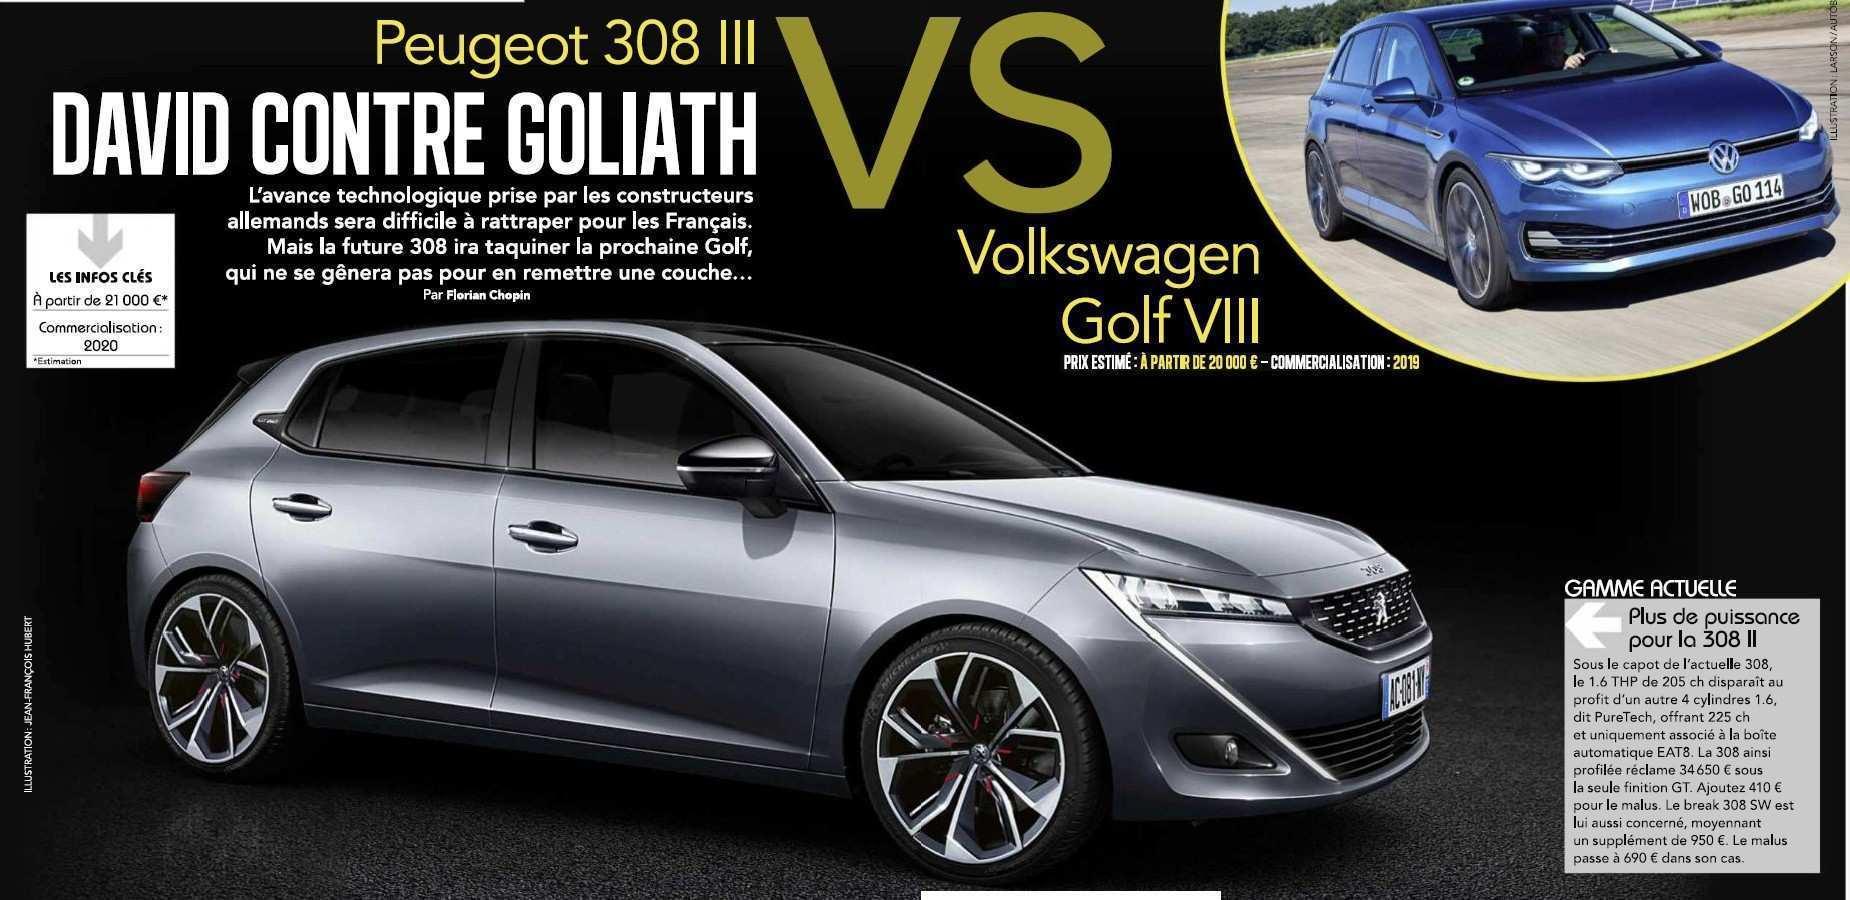 34 Concept of Nouveautes Peugeot 2020 Redesign for Nouveautes Peugeot 2020